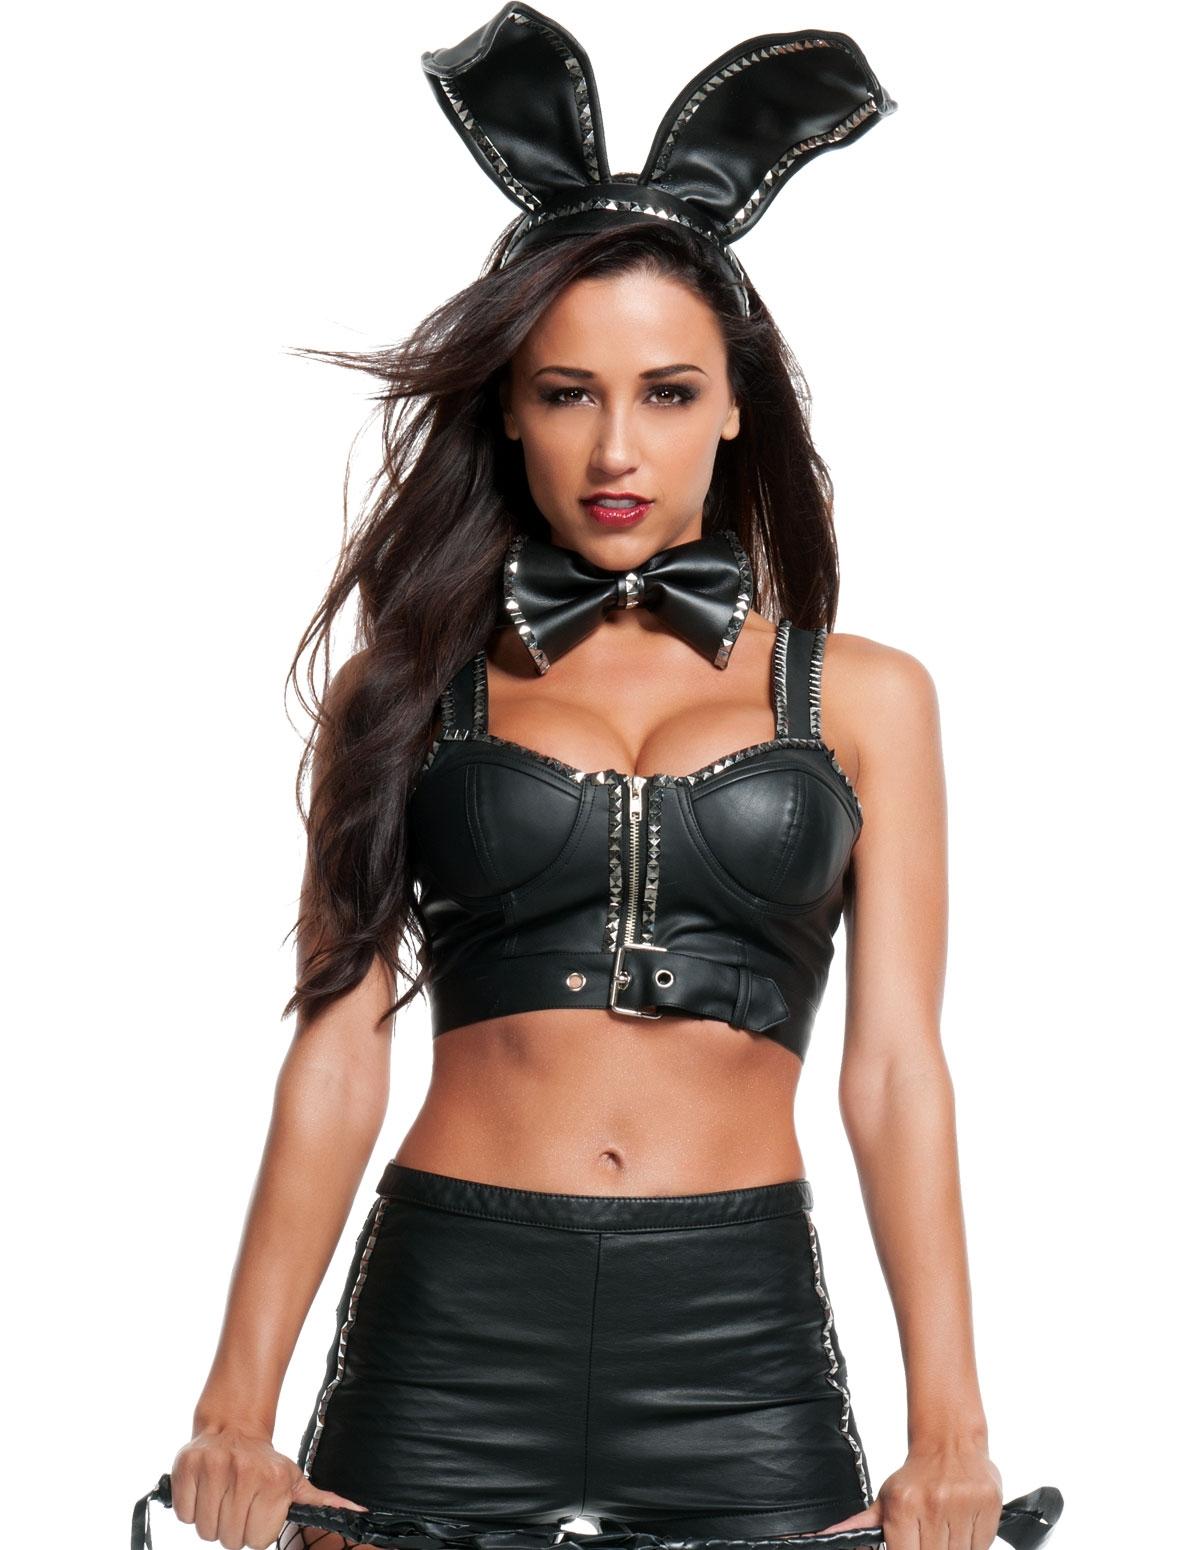 S&M Bunny Costume